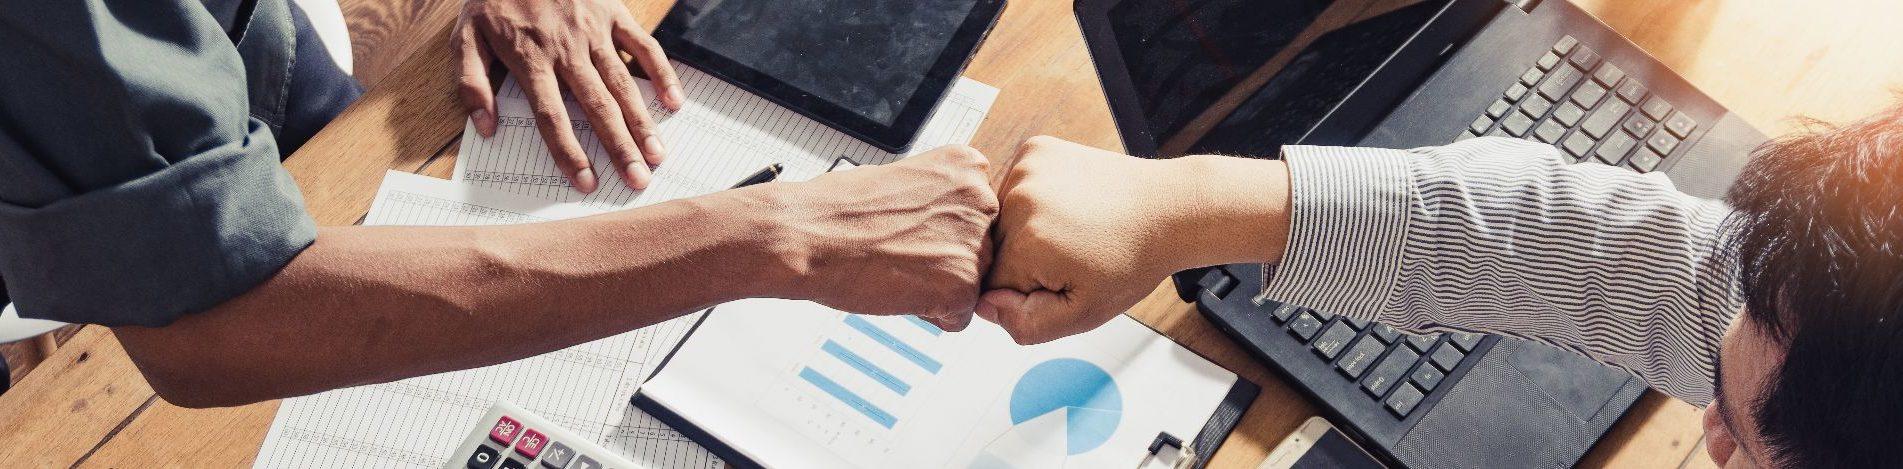 finance introducer header image